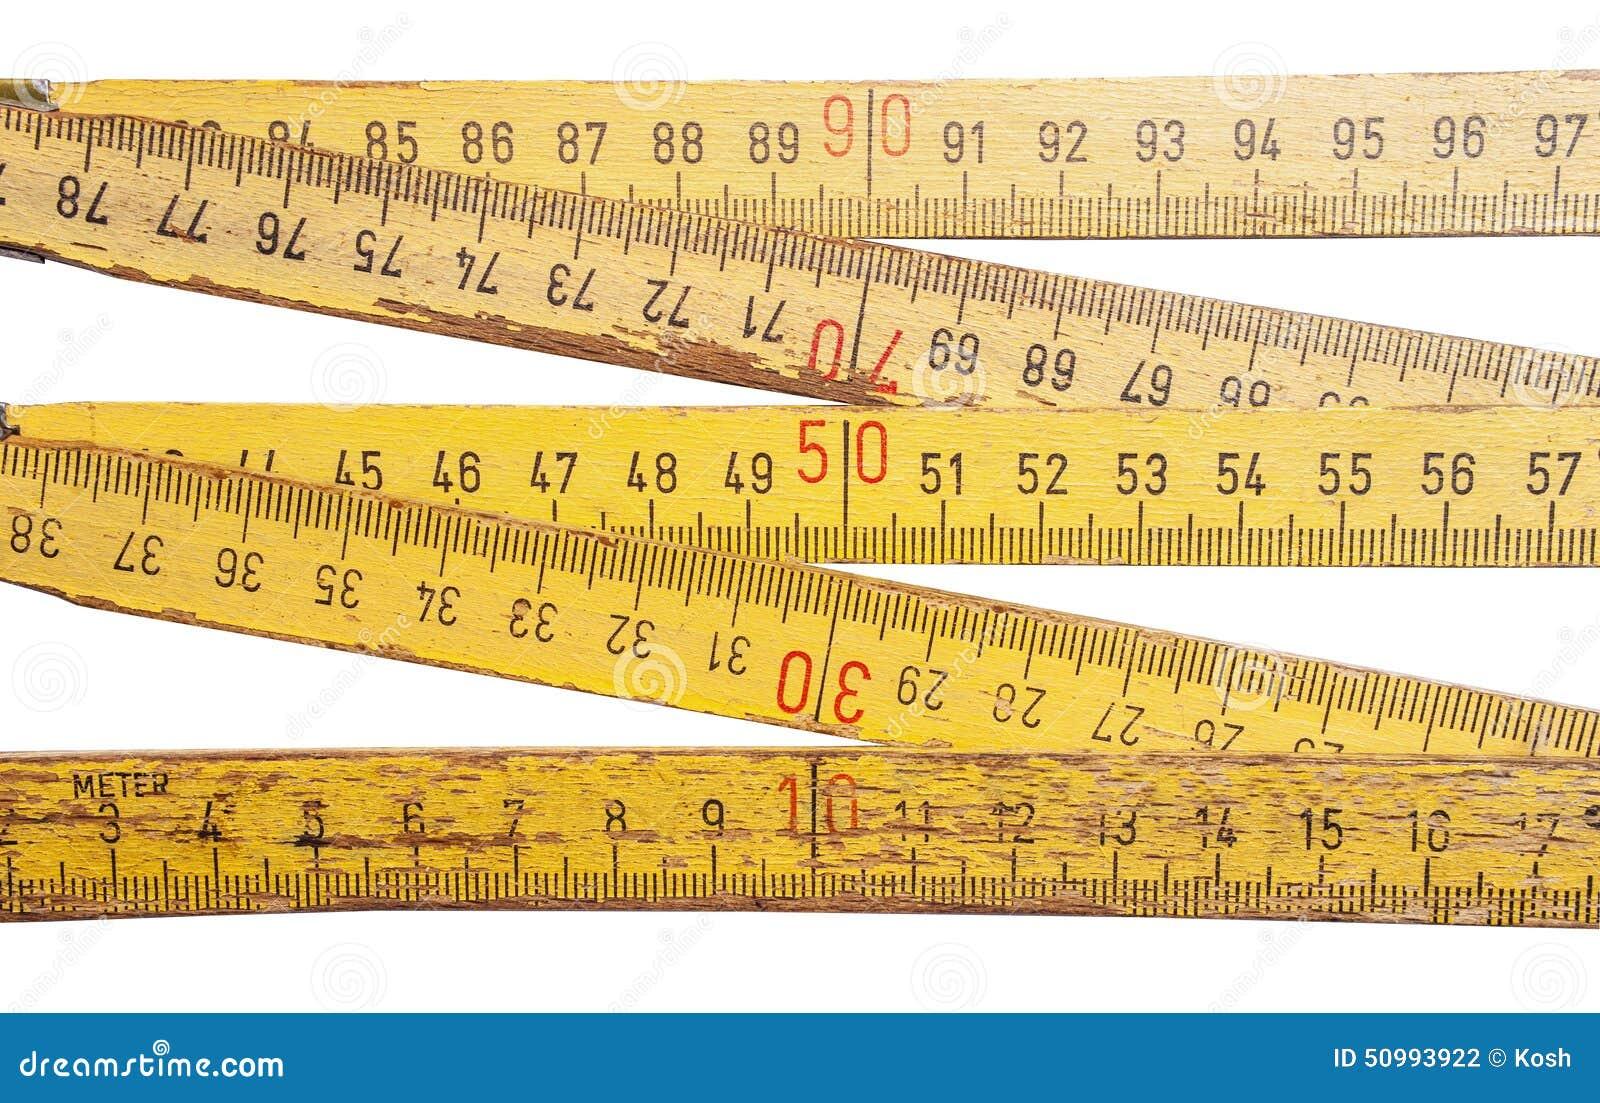 Folding ruler on white background